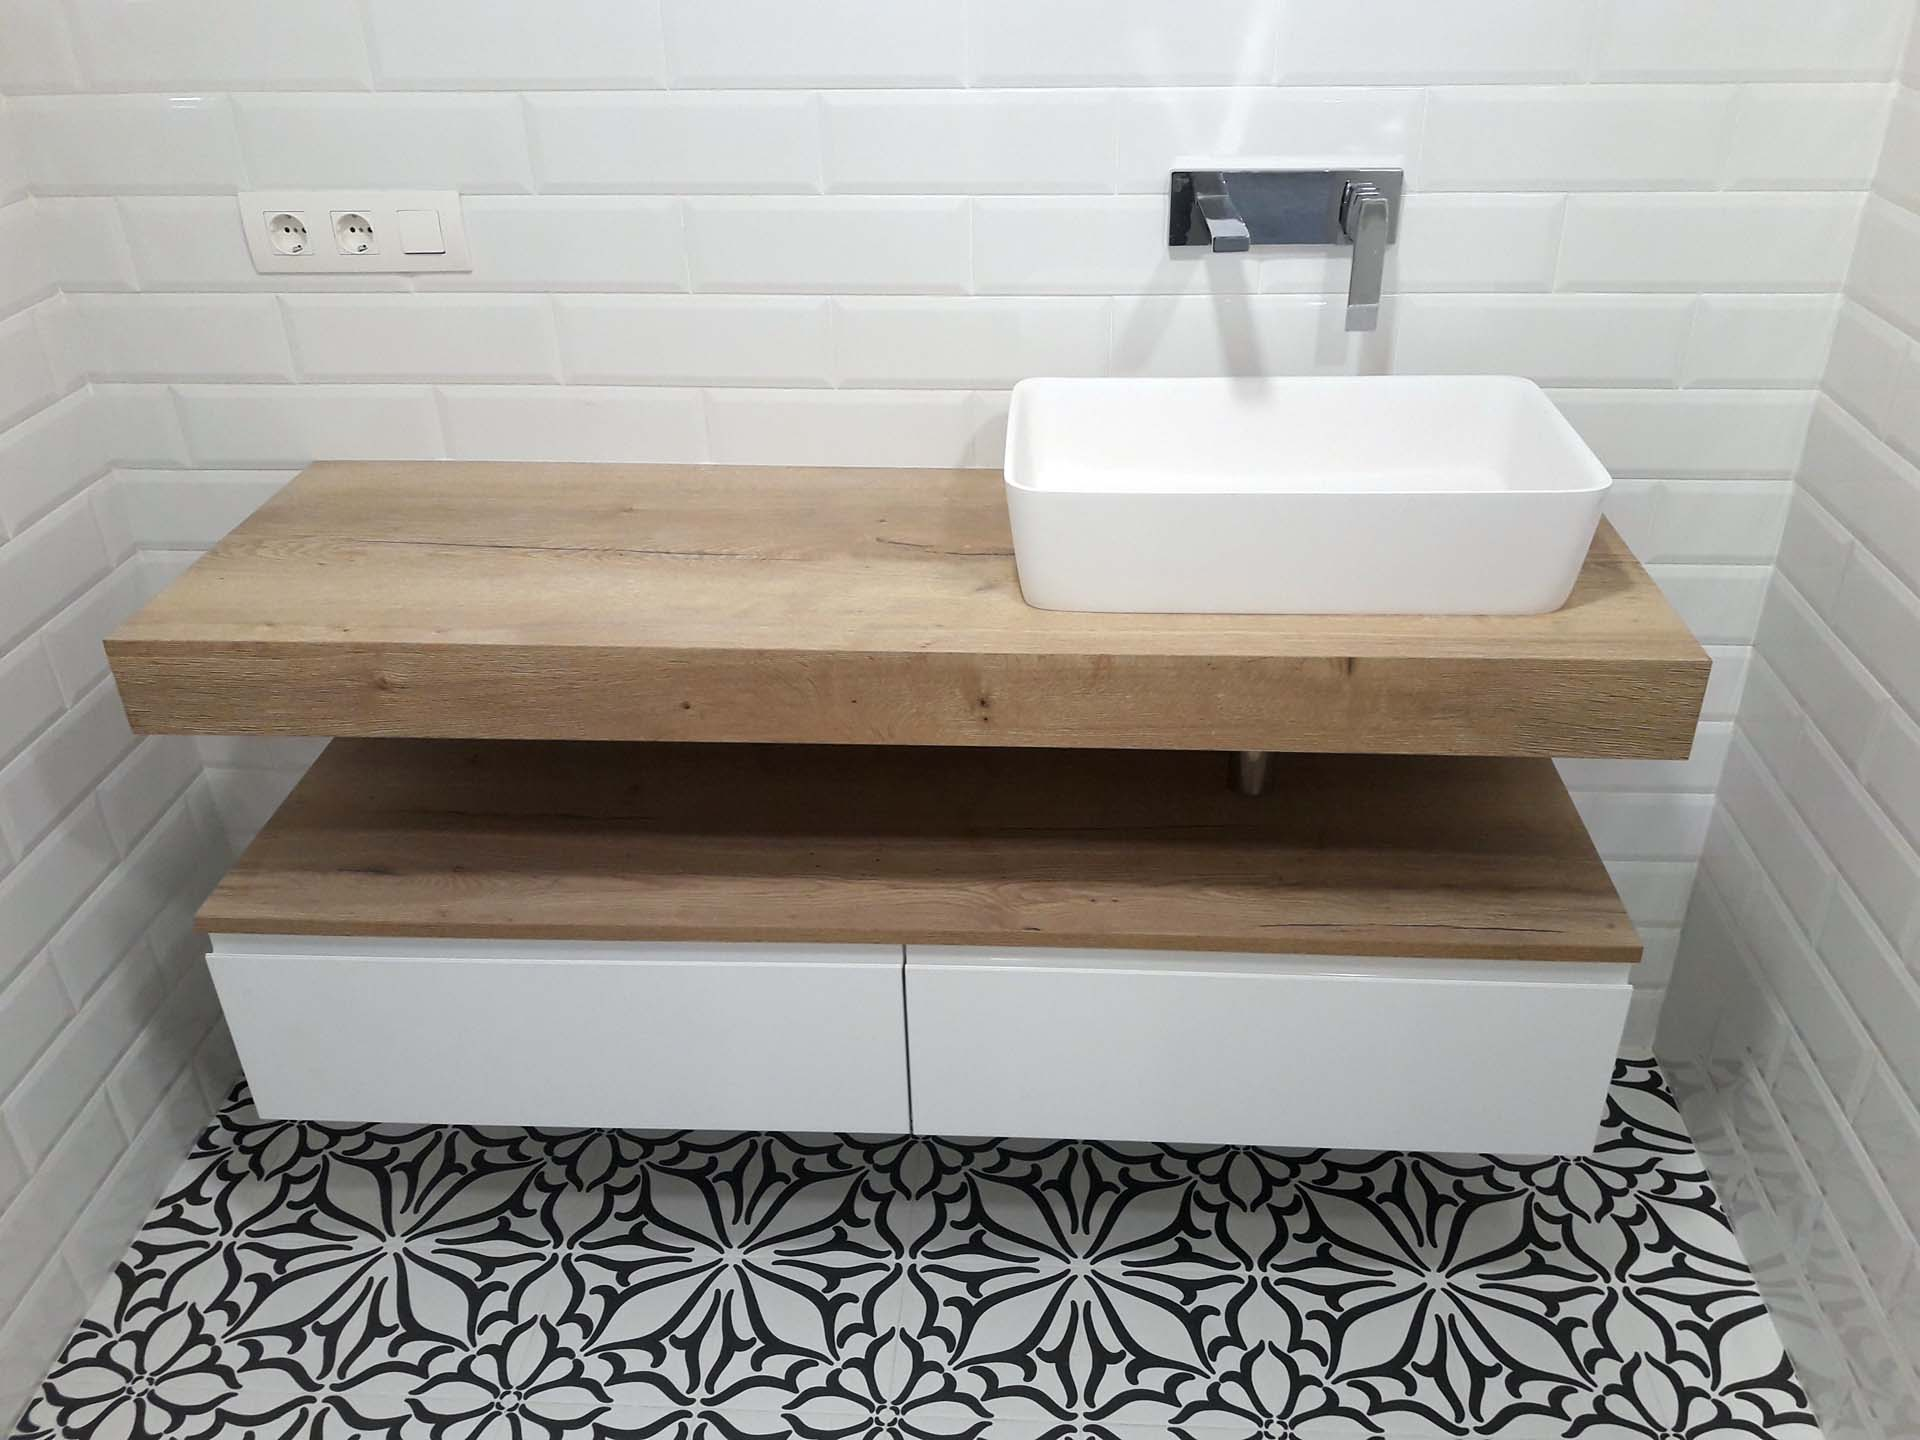 baño encimera ingletada madera